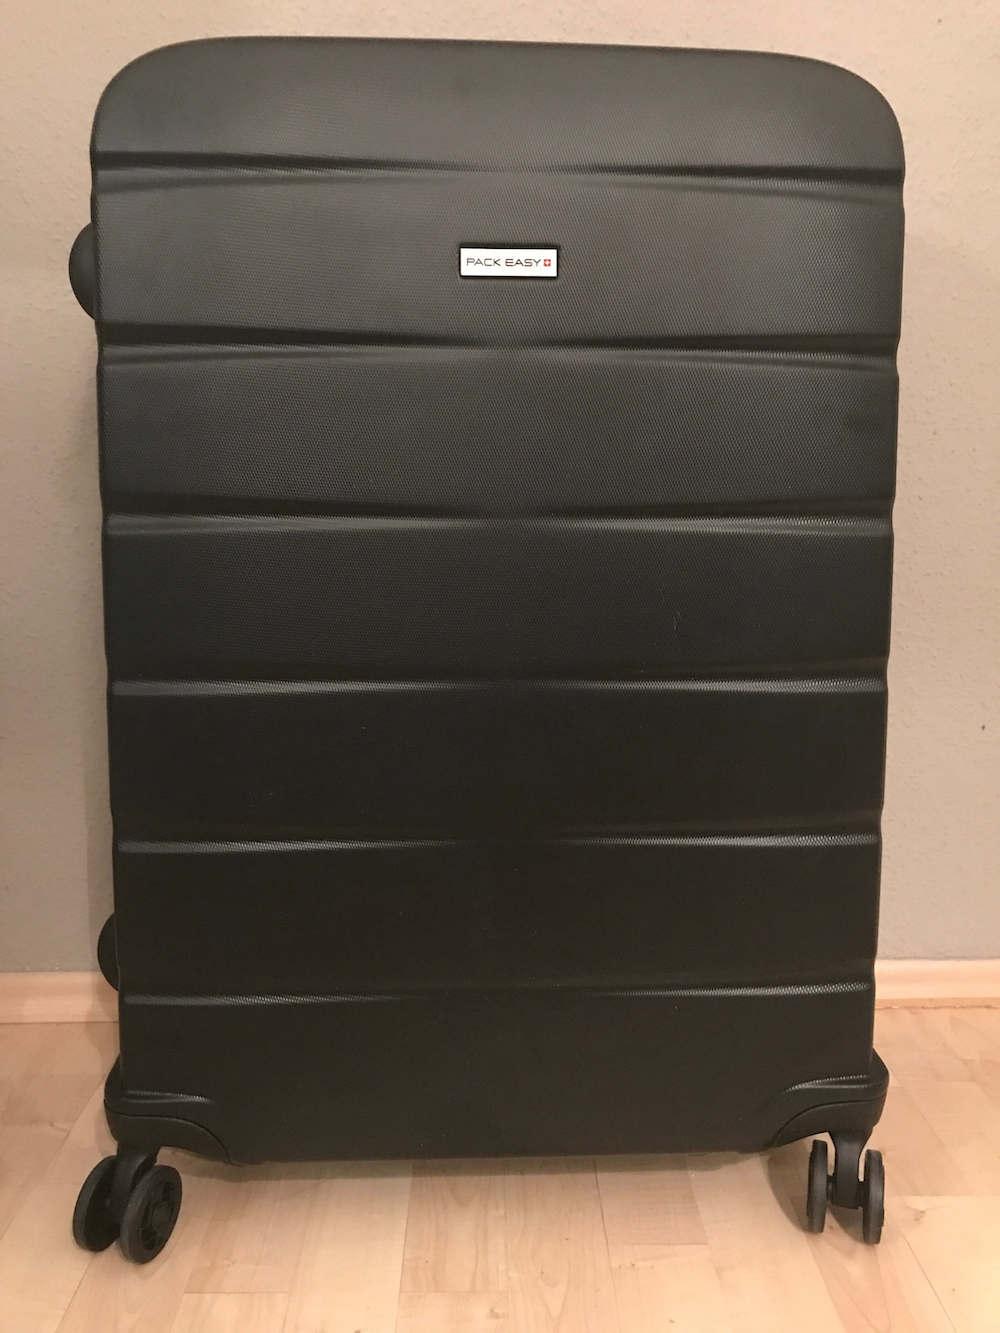 reisekoffer test pack easy clipper peru koffer das. Black Bedroom Furniture Sets. Home Design Ideas